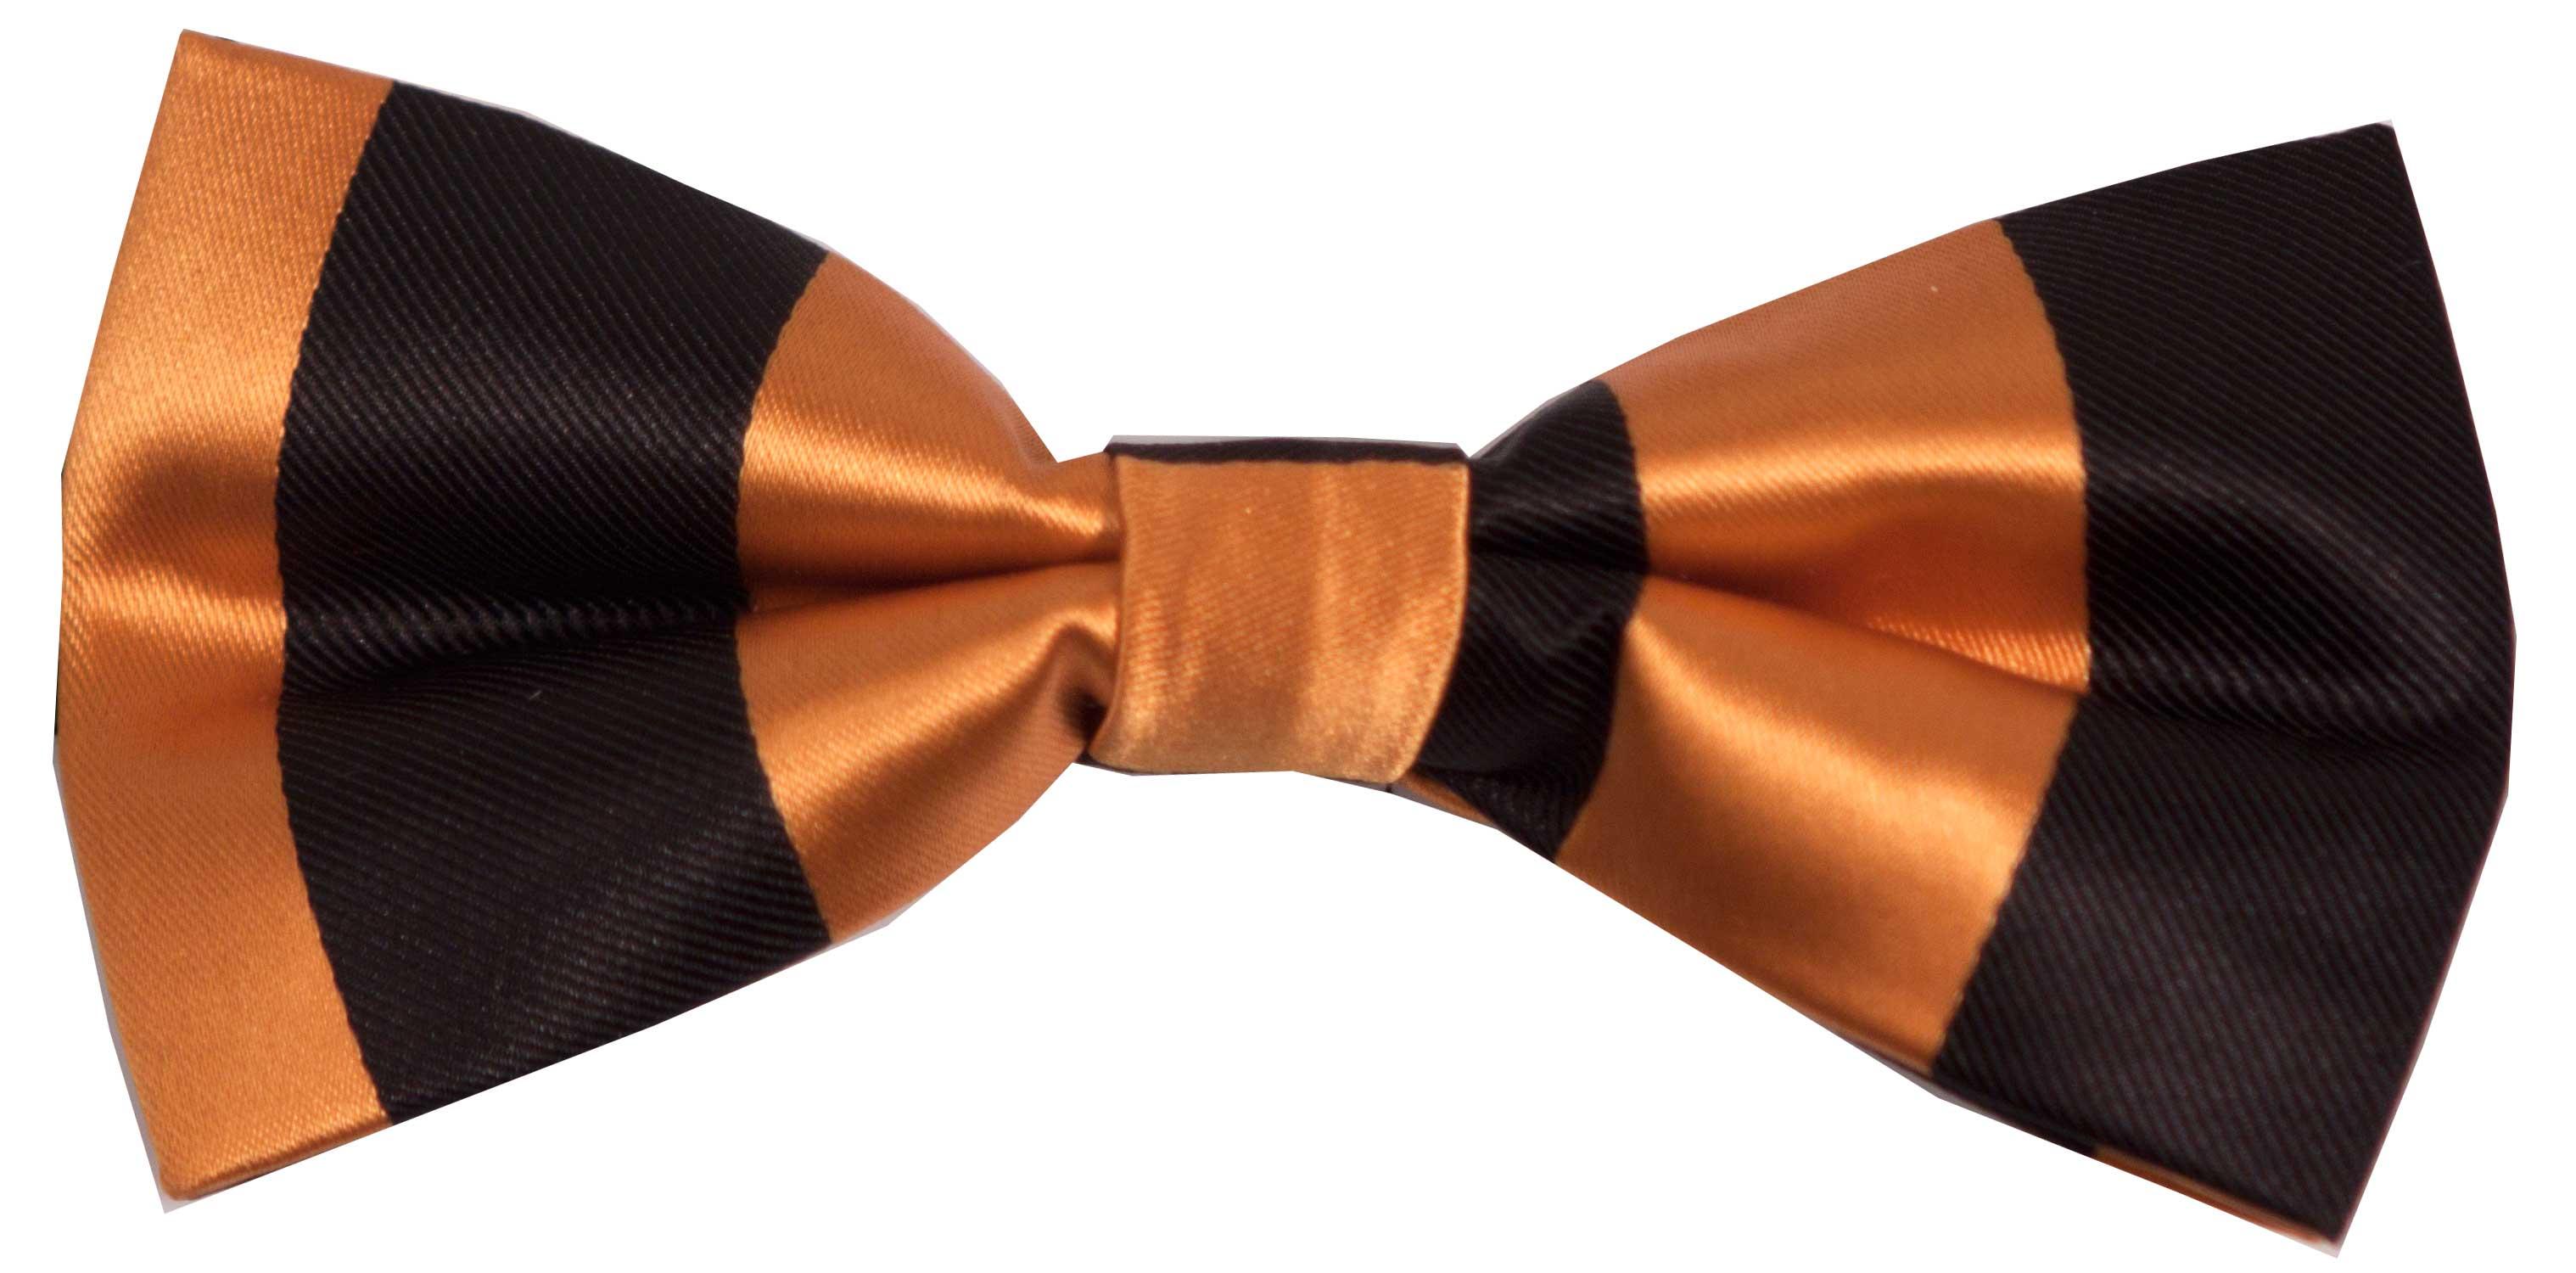 Sløyfe (svart og oransje)